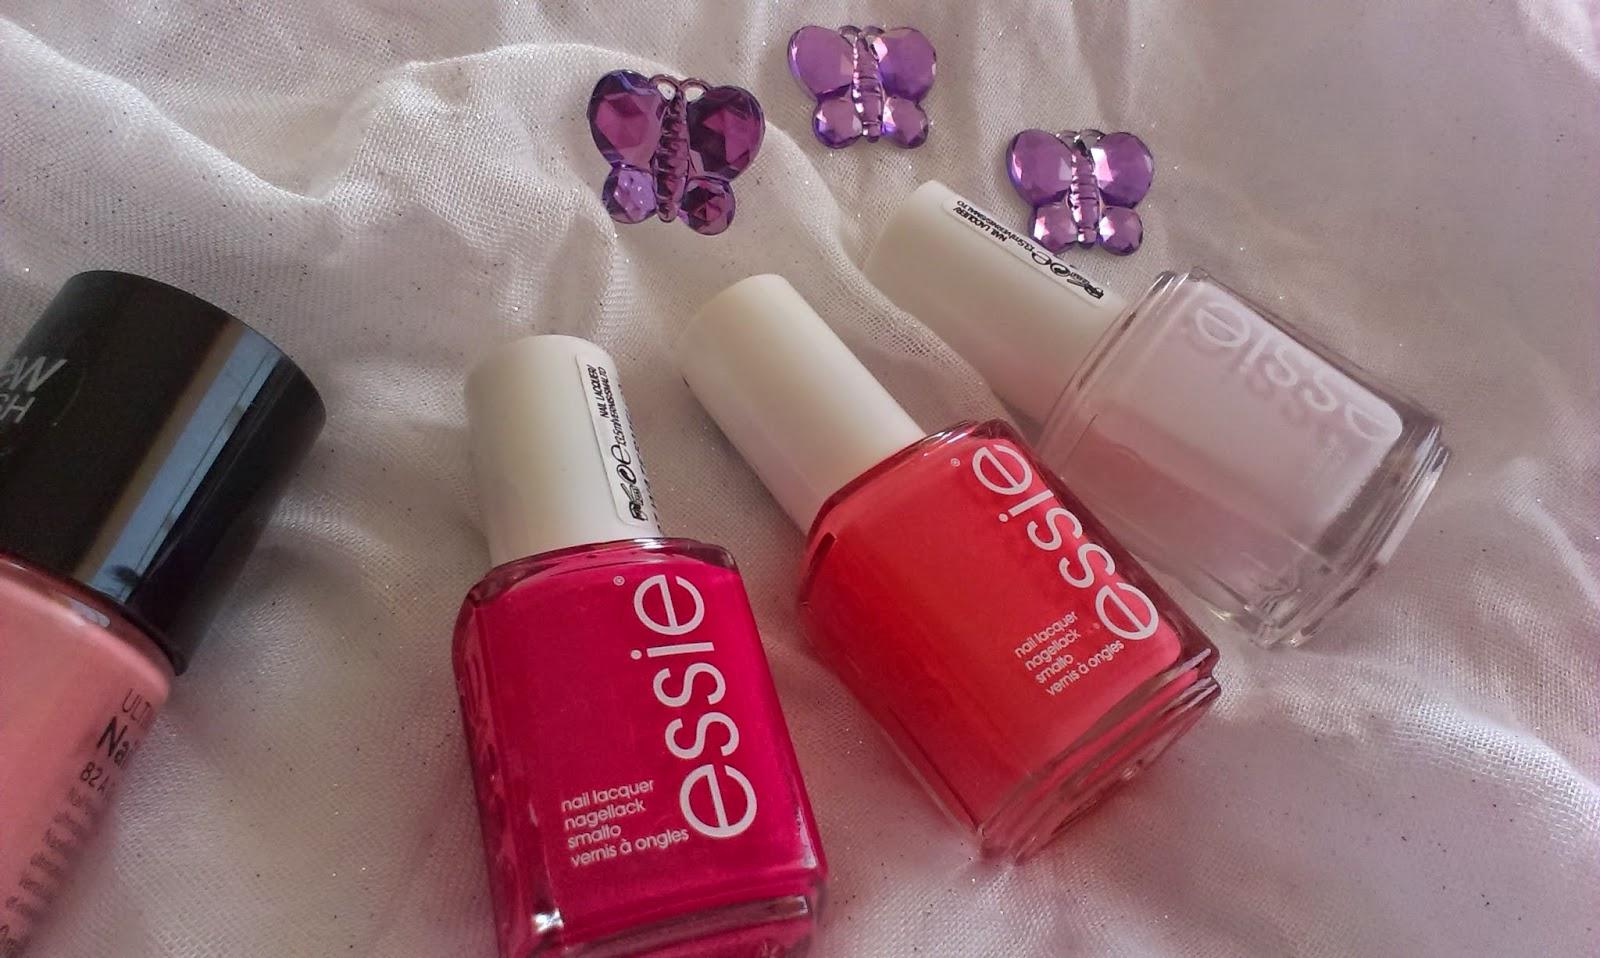 Linda : My top 5 spring nail polish picks